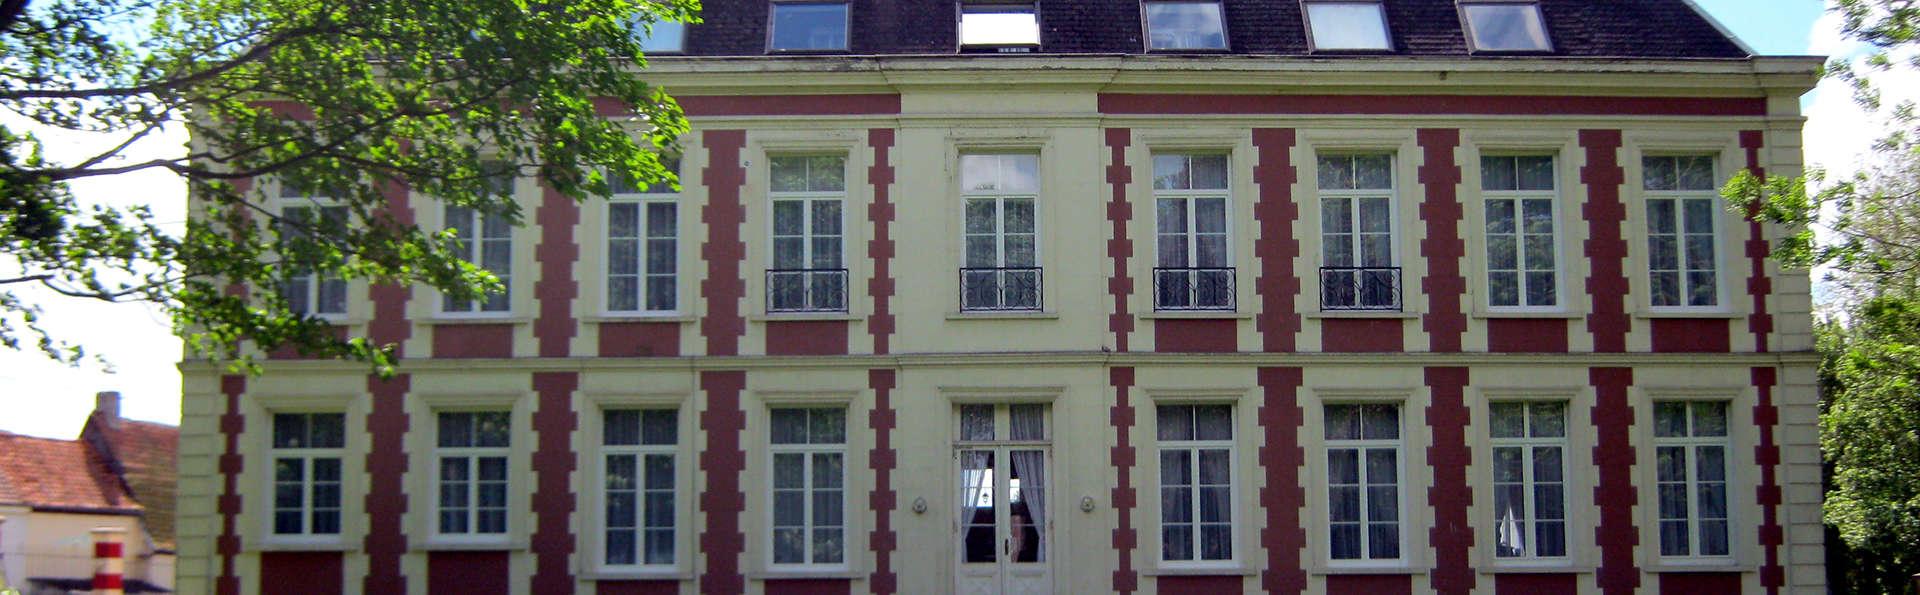 Château de Moulin le Comte - Edit_Front.jpg